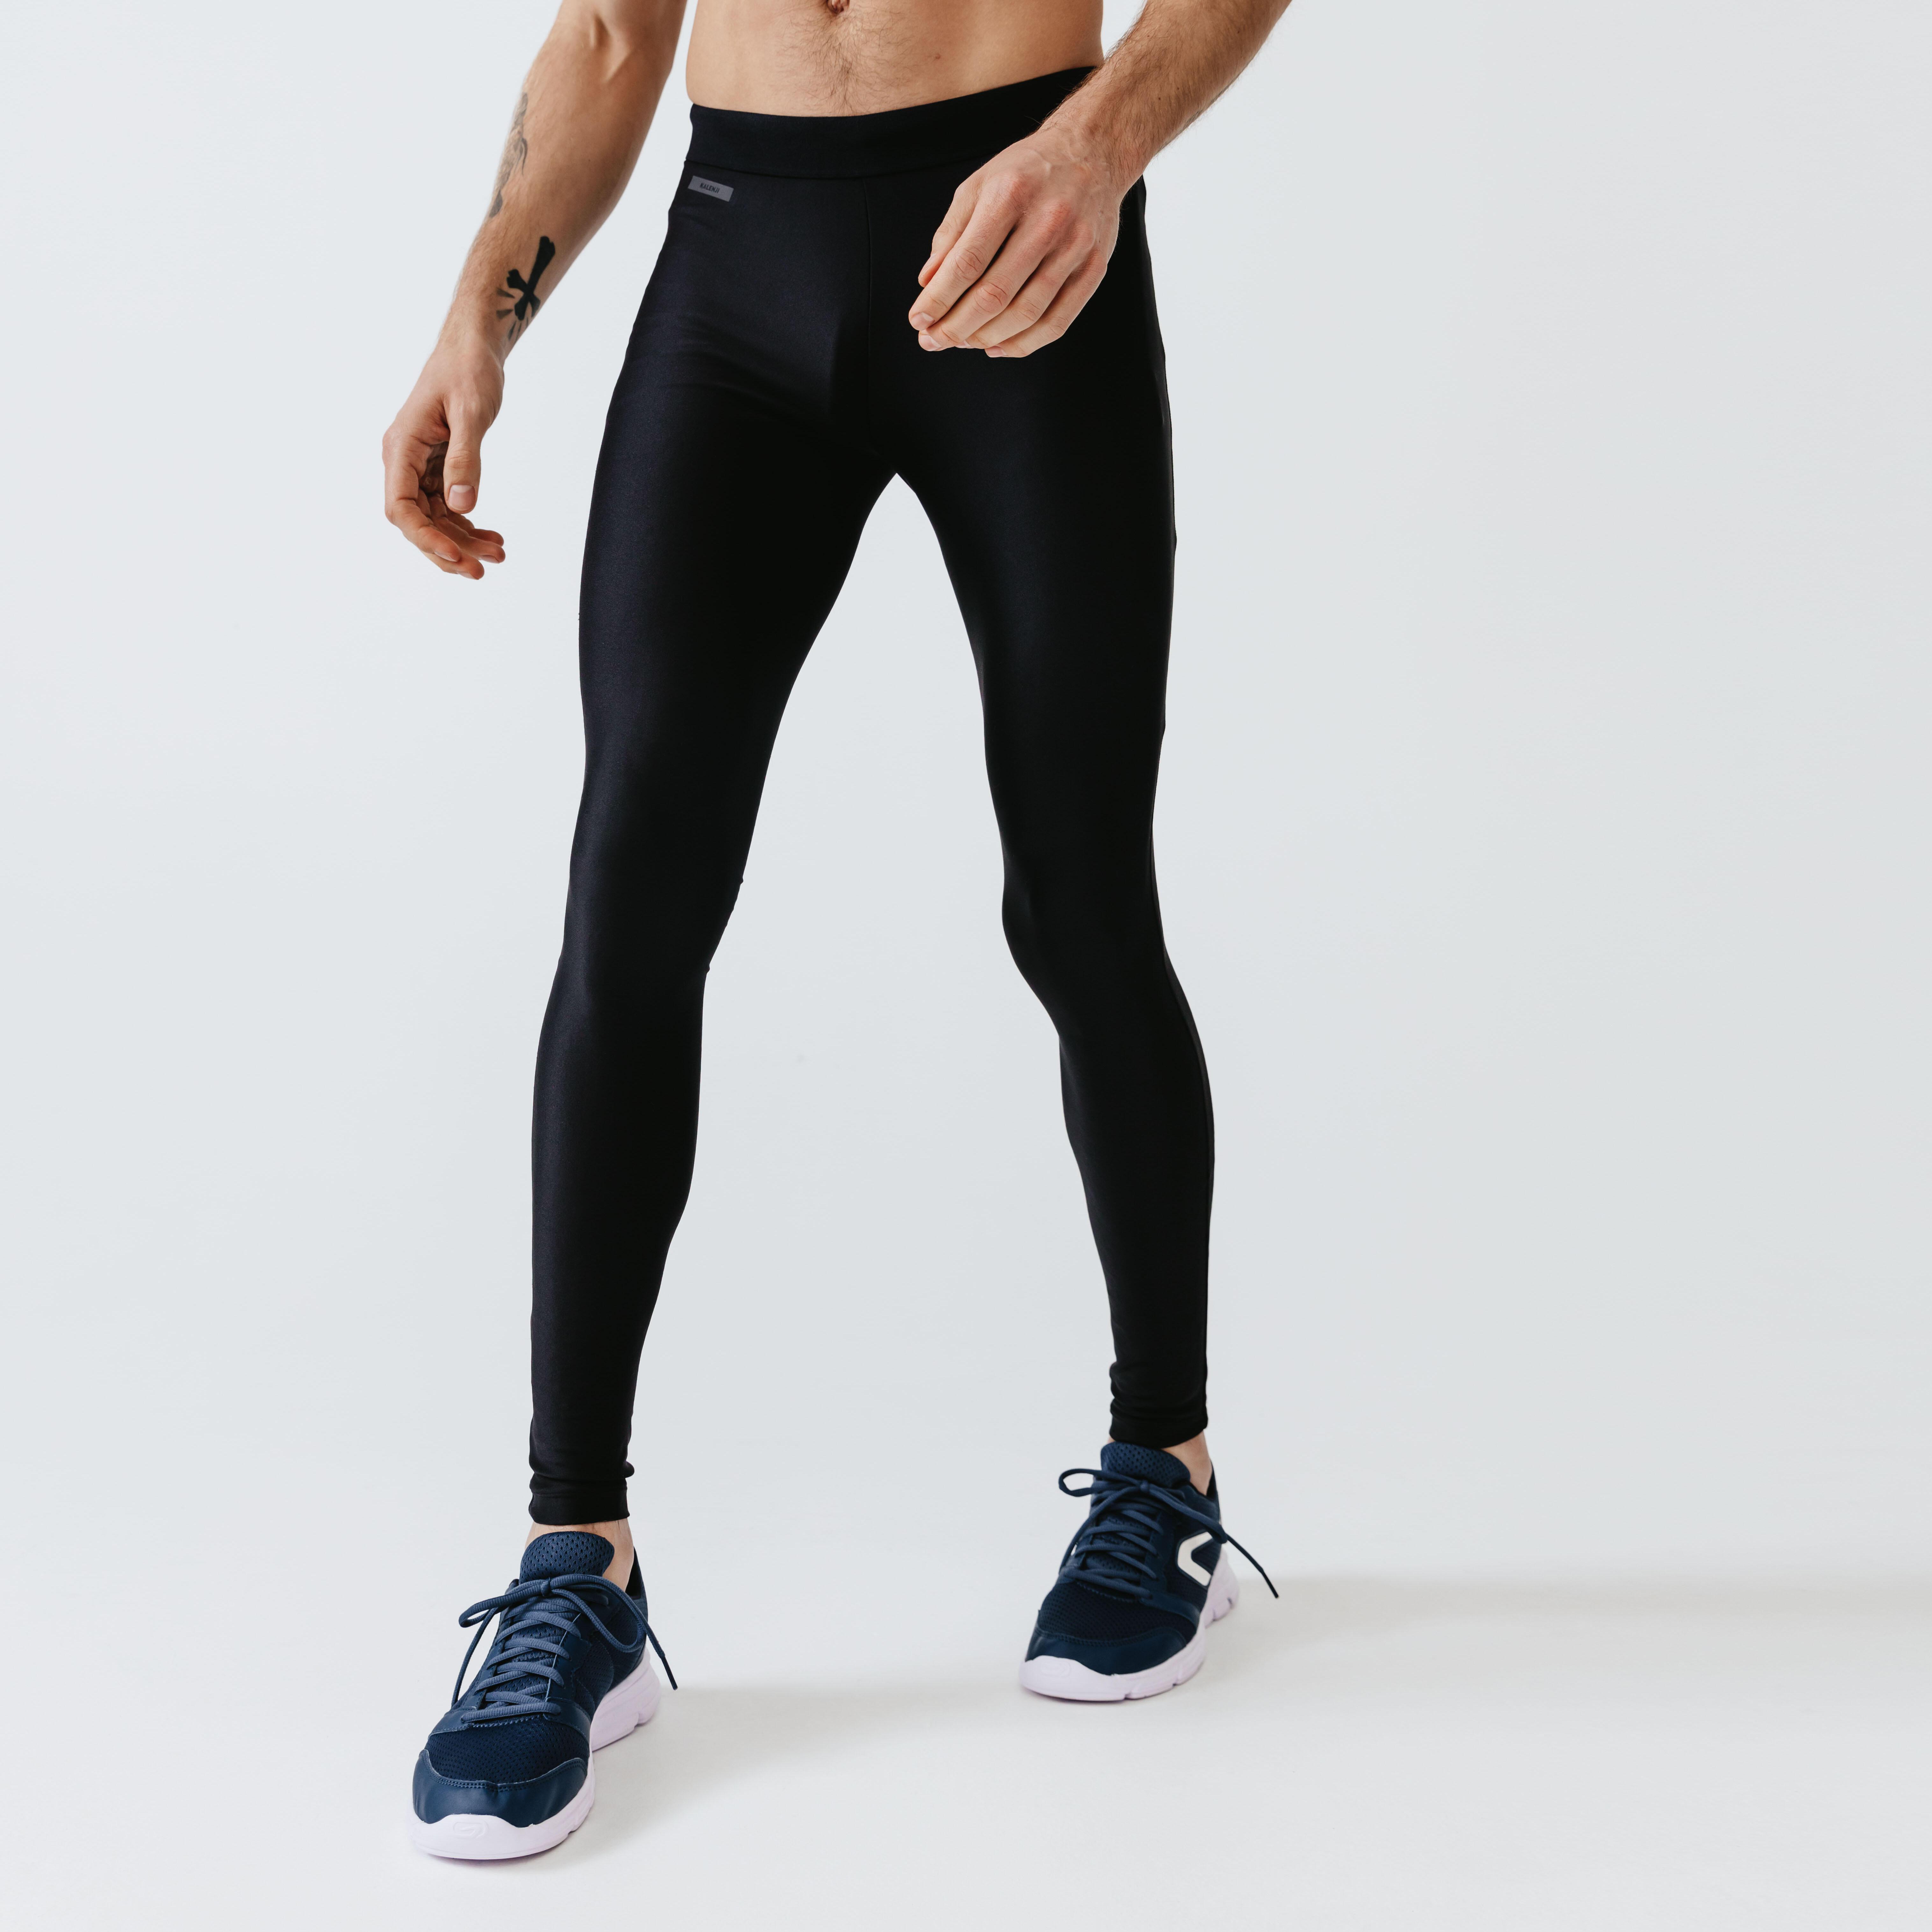 Colanți Jogging Dry Bărbați imagine